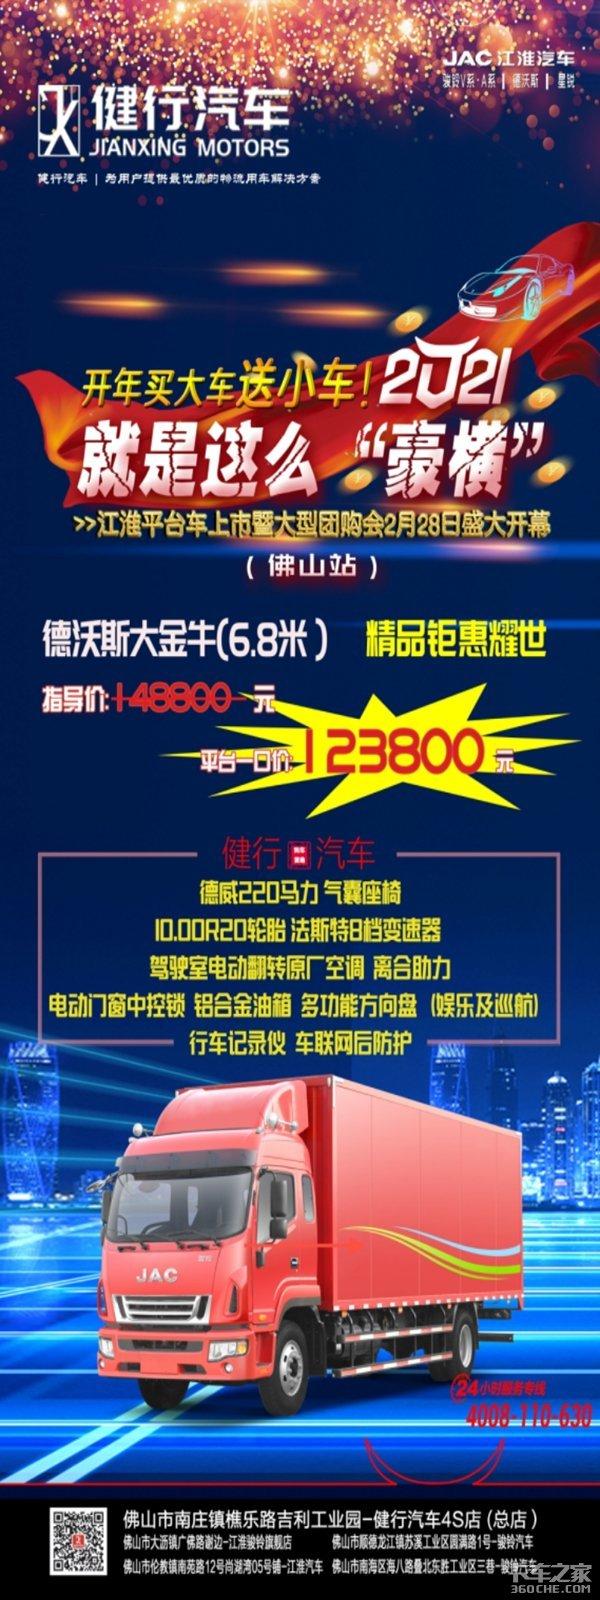 """江淮平台网约车""""德沃斯大金牛""""买大车送小车超""""豪横""""继续送"""